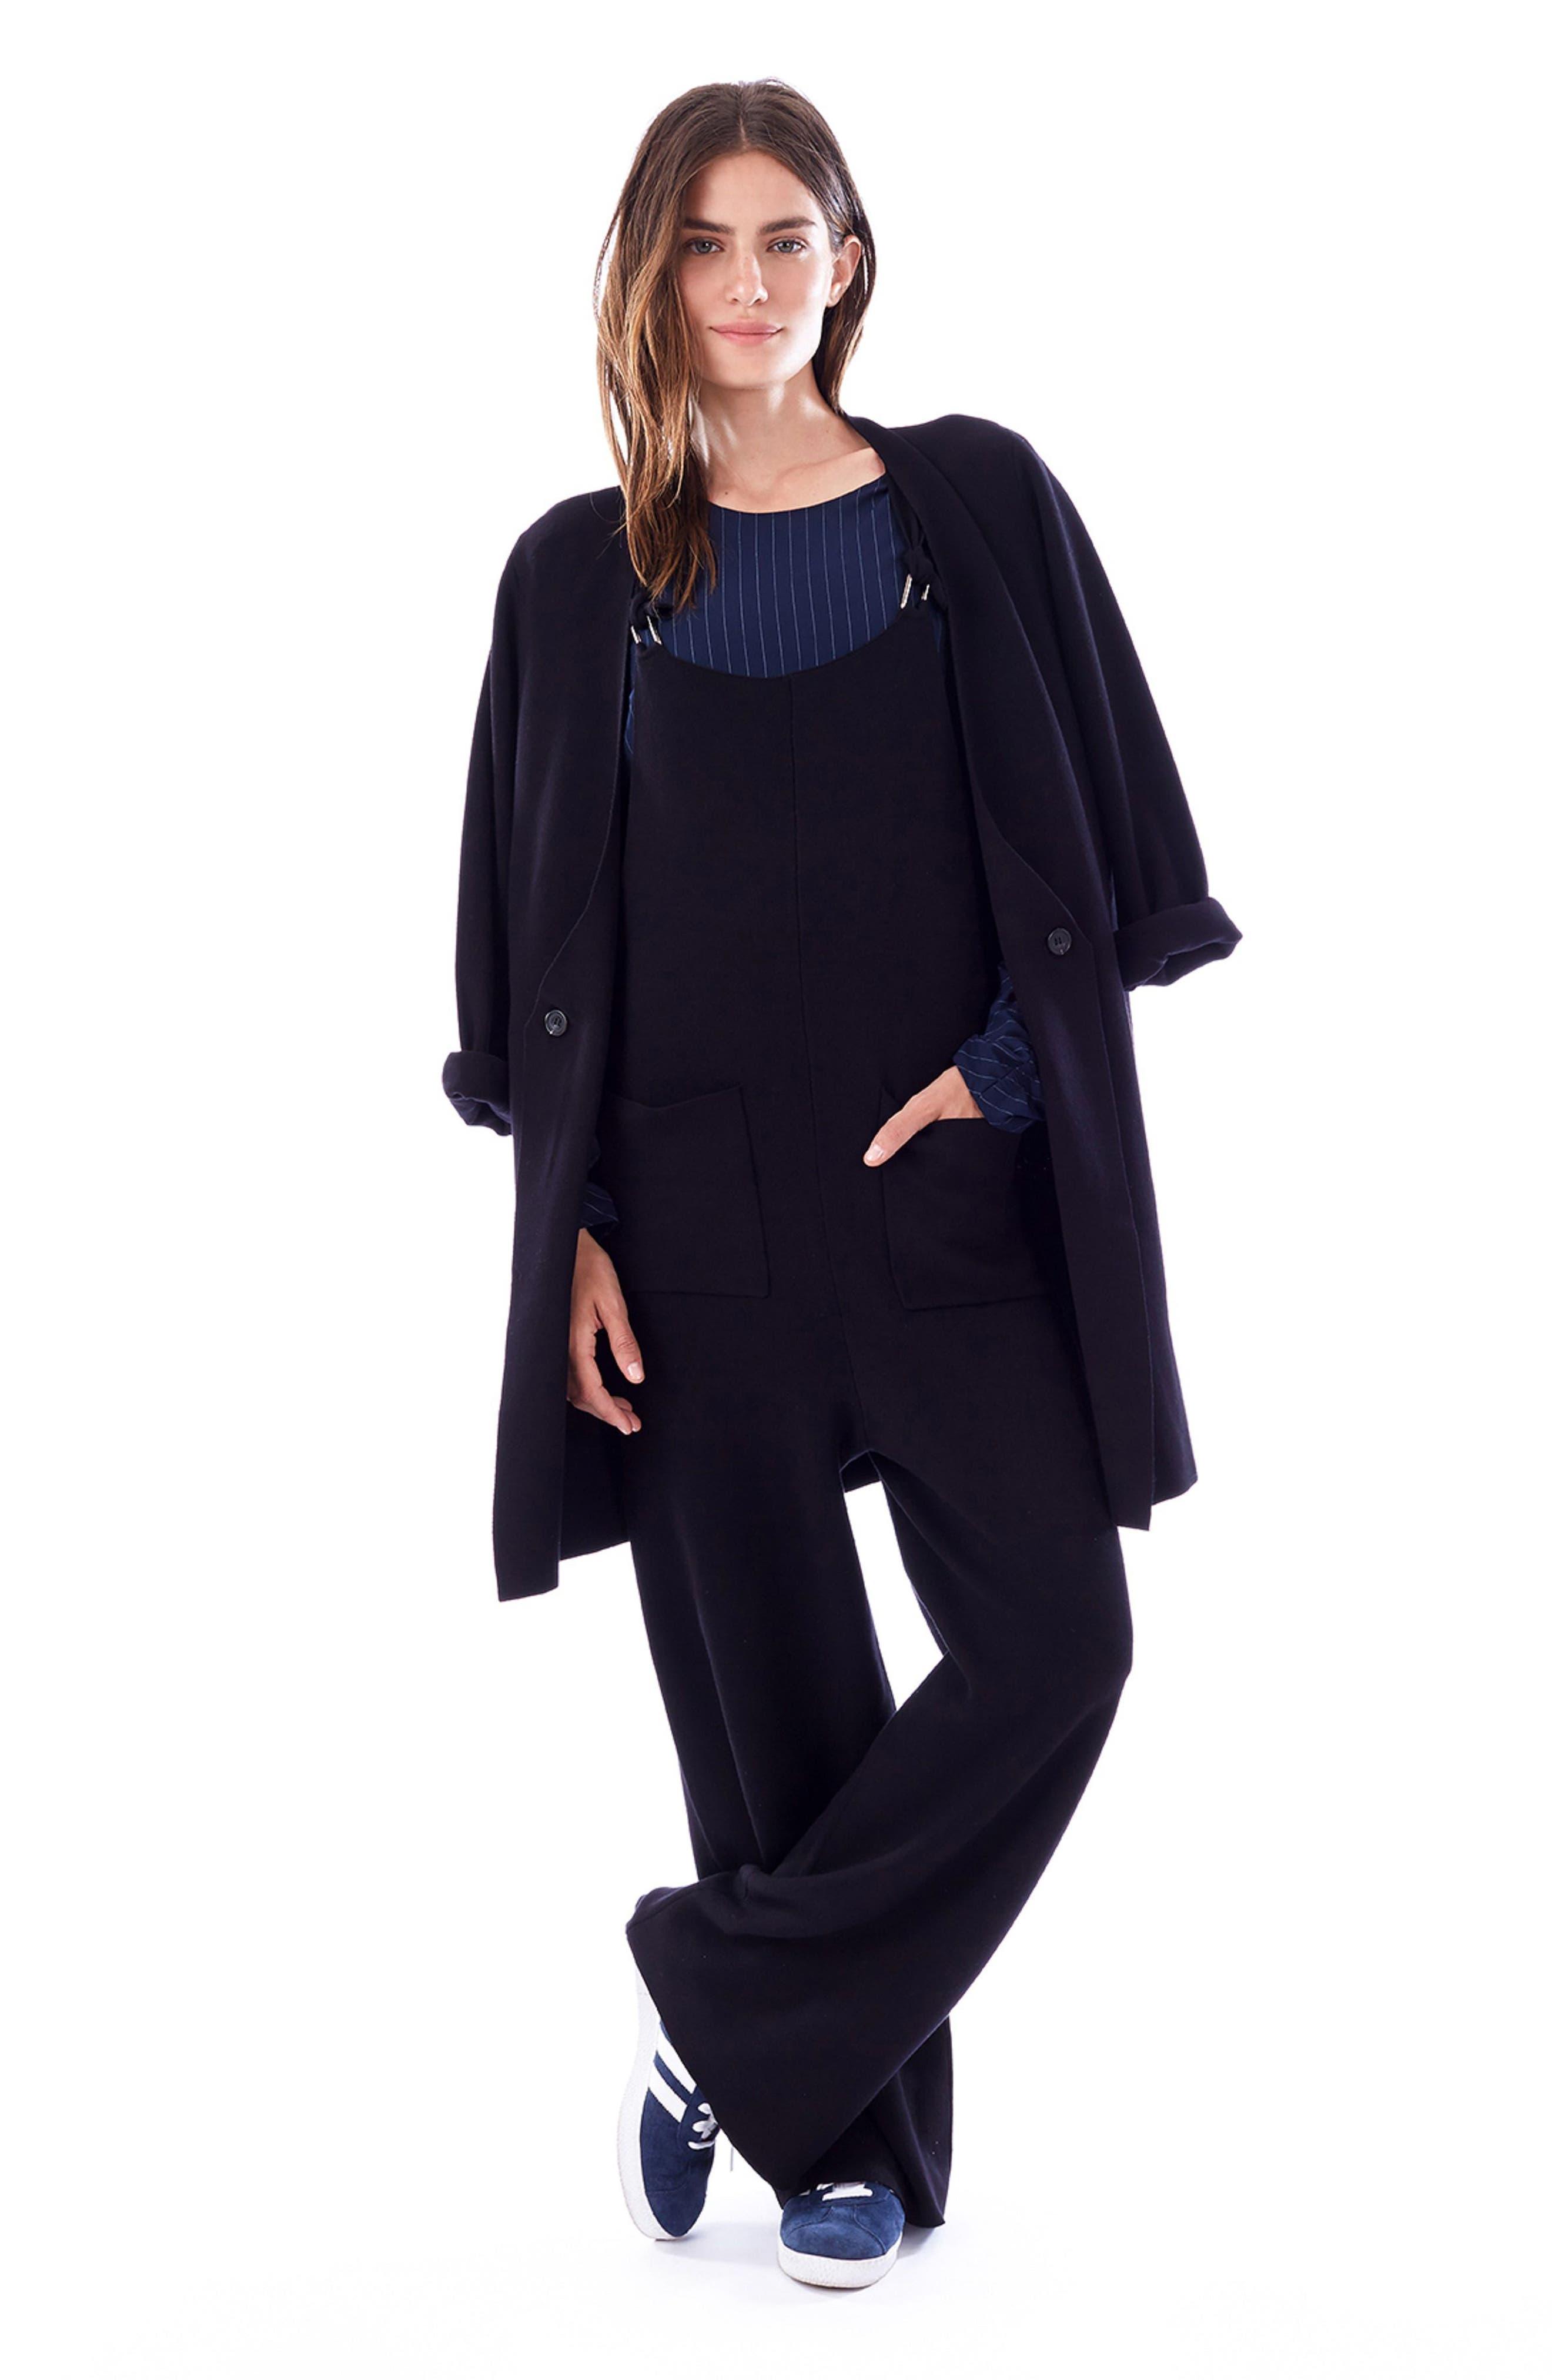 652c3ec7b08 Rompers   Jumpsuits Maternity Clothes